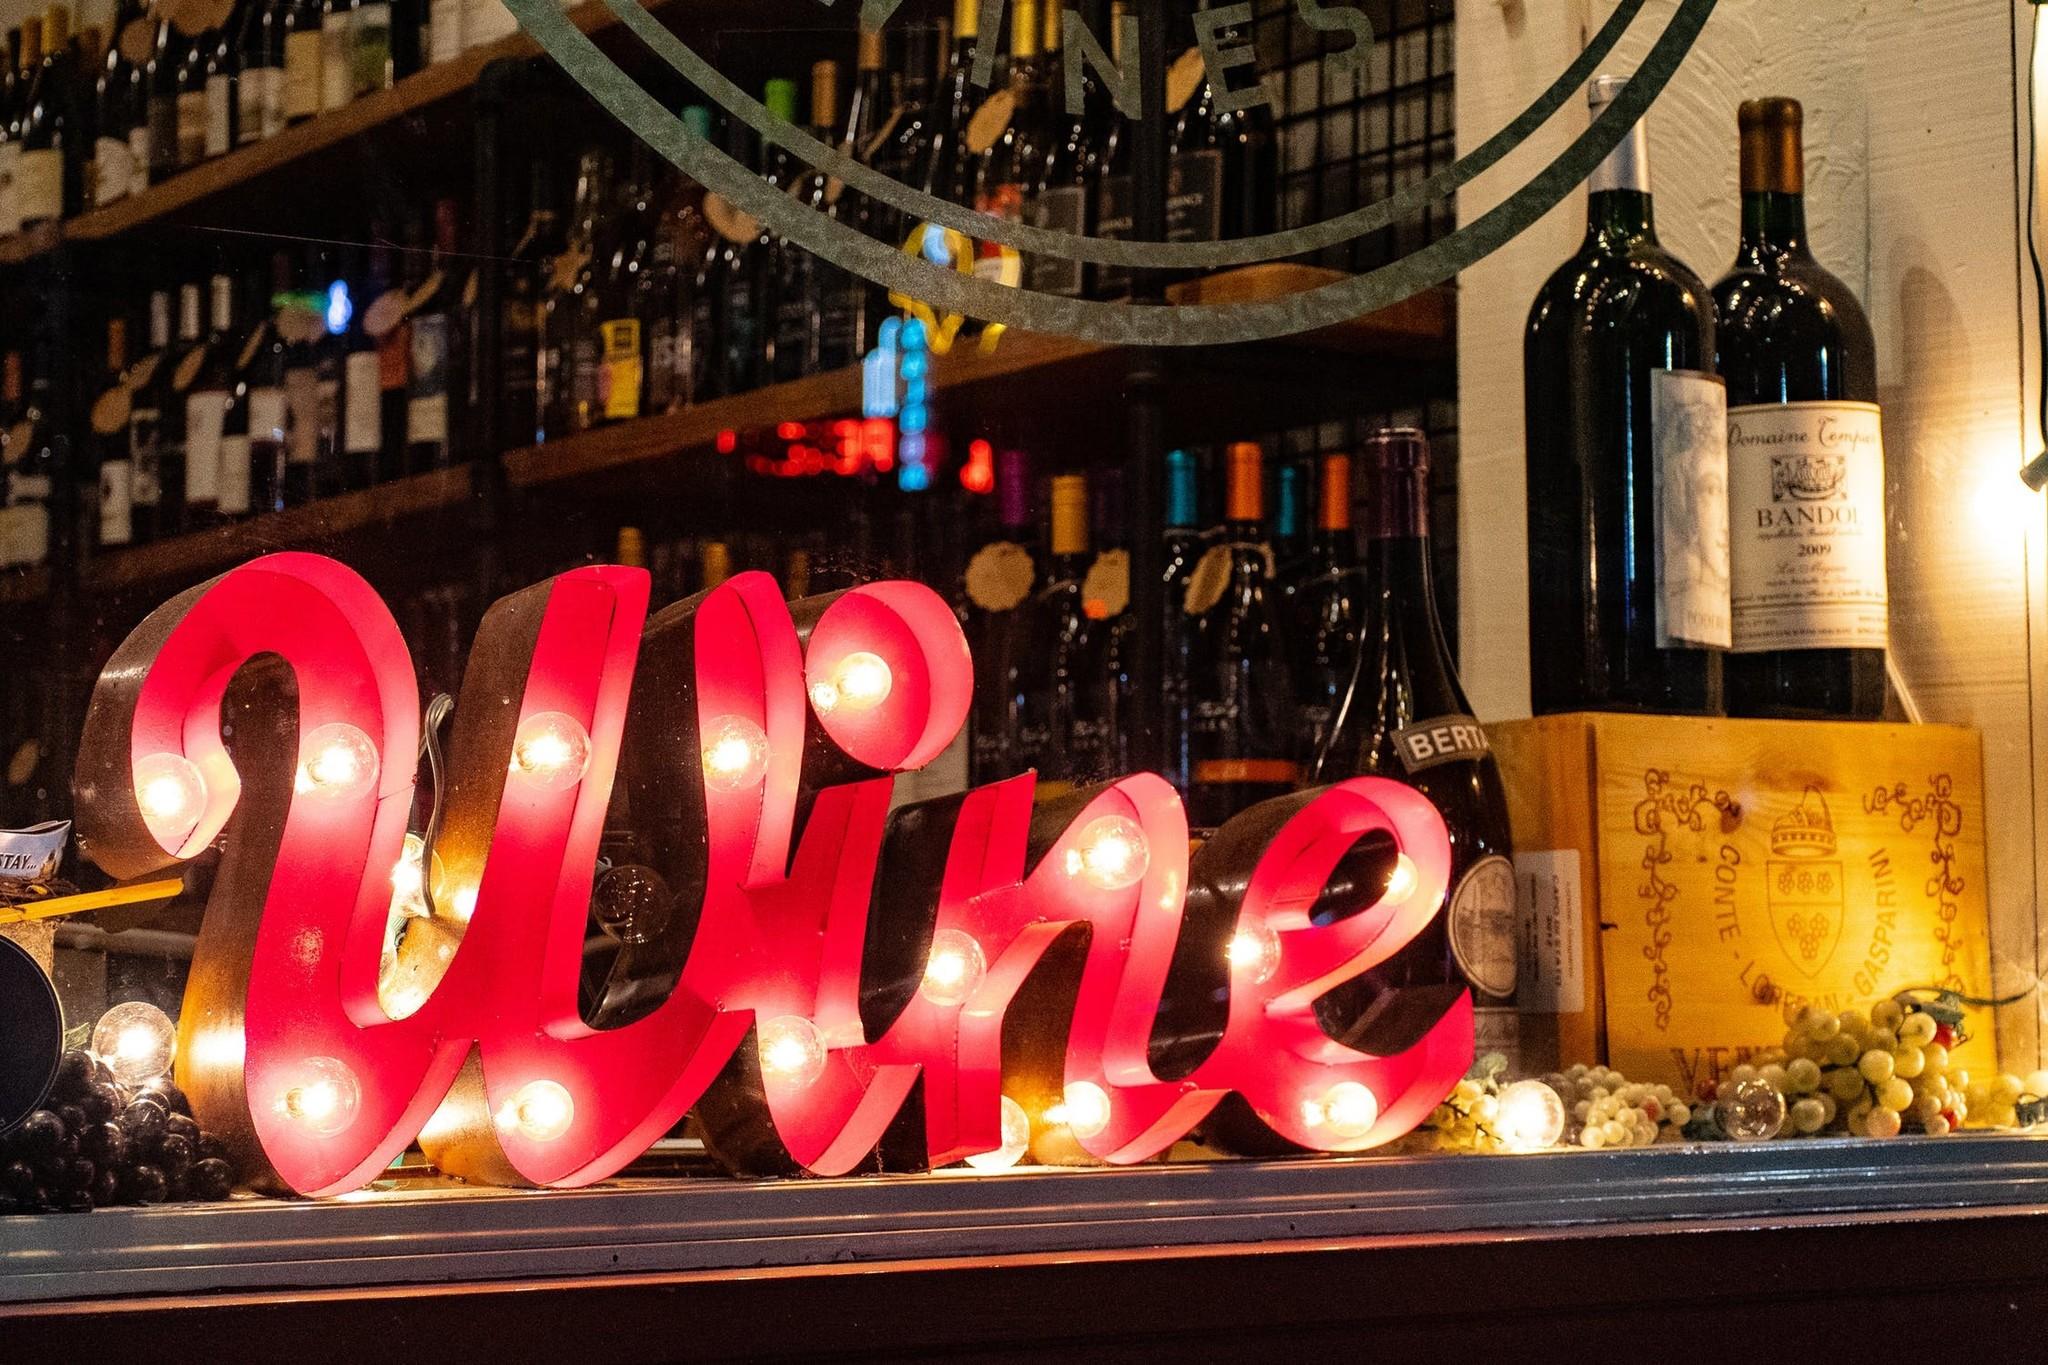 YES: Het is  'Drink wijn dag'